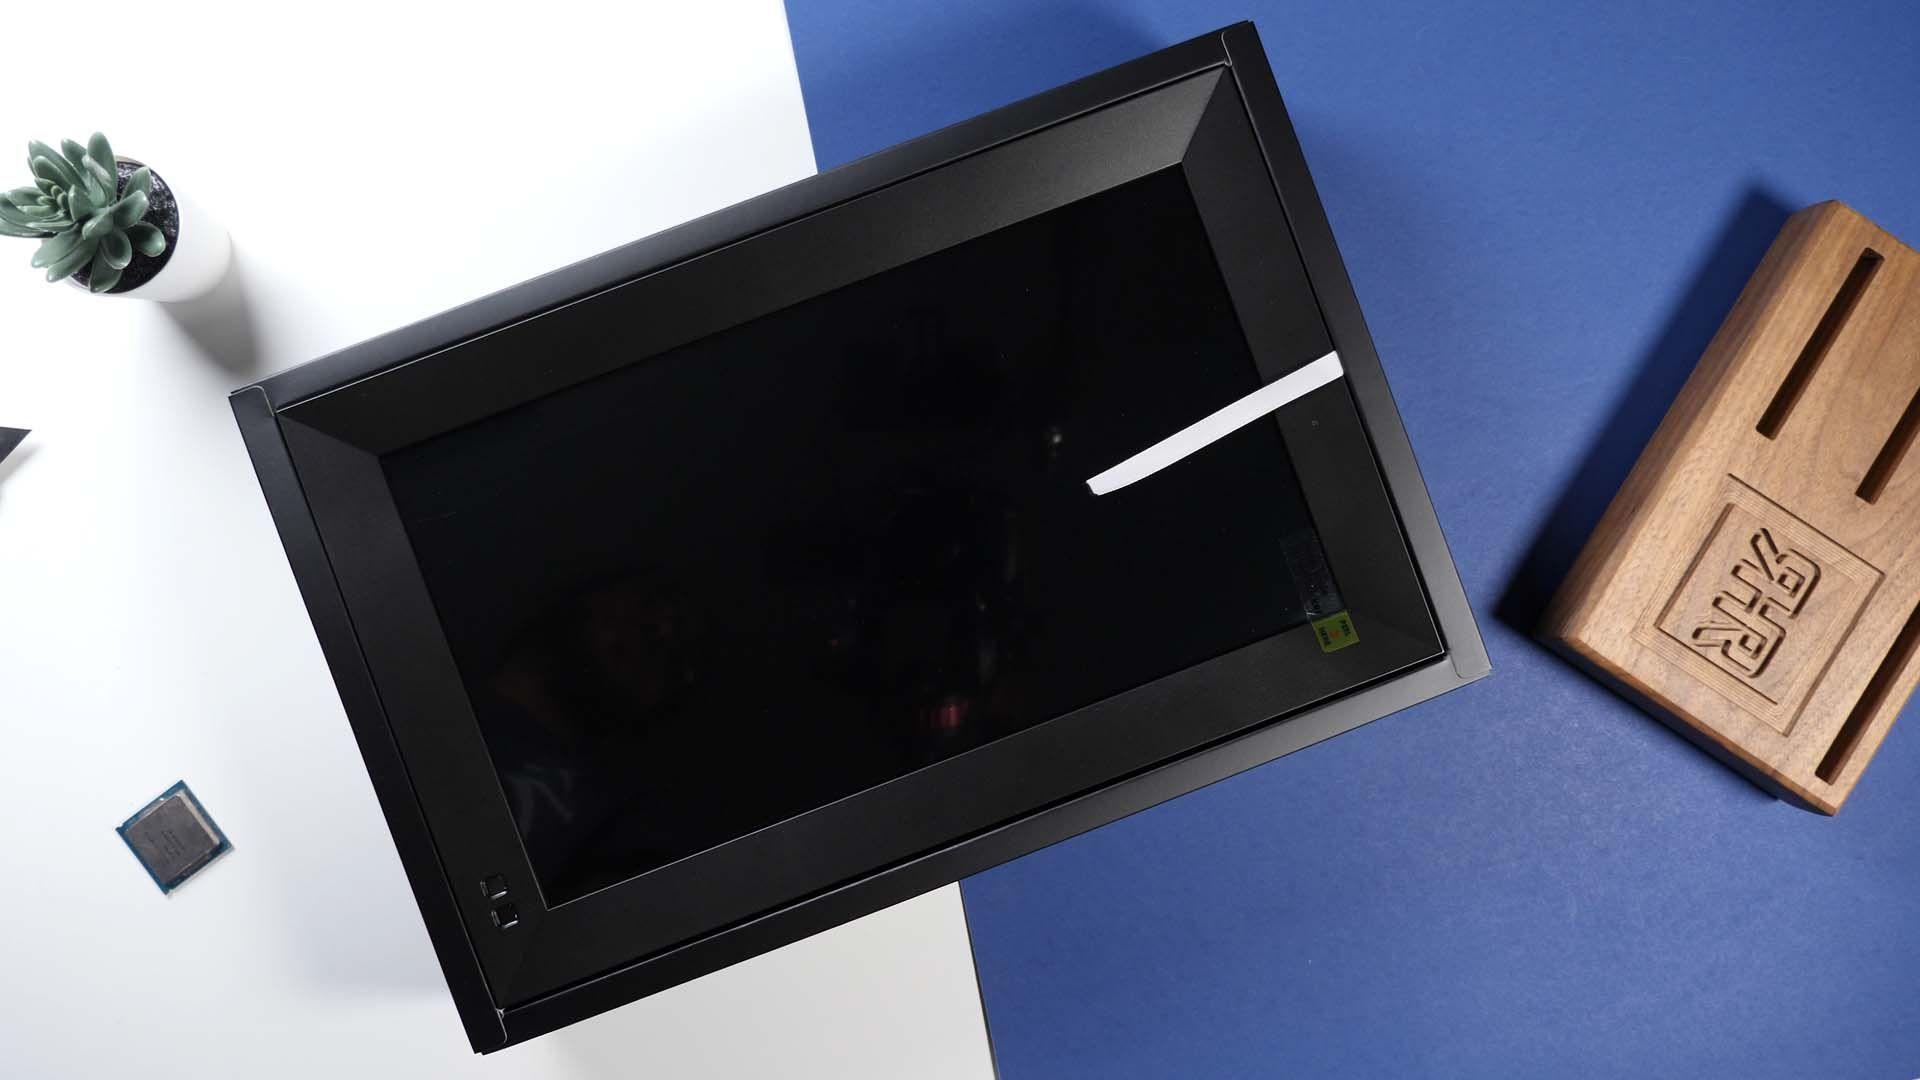 Nixplay N Unbox - Nixplay N Smart Photo Frame Review